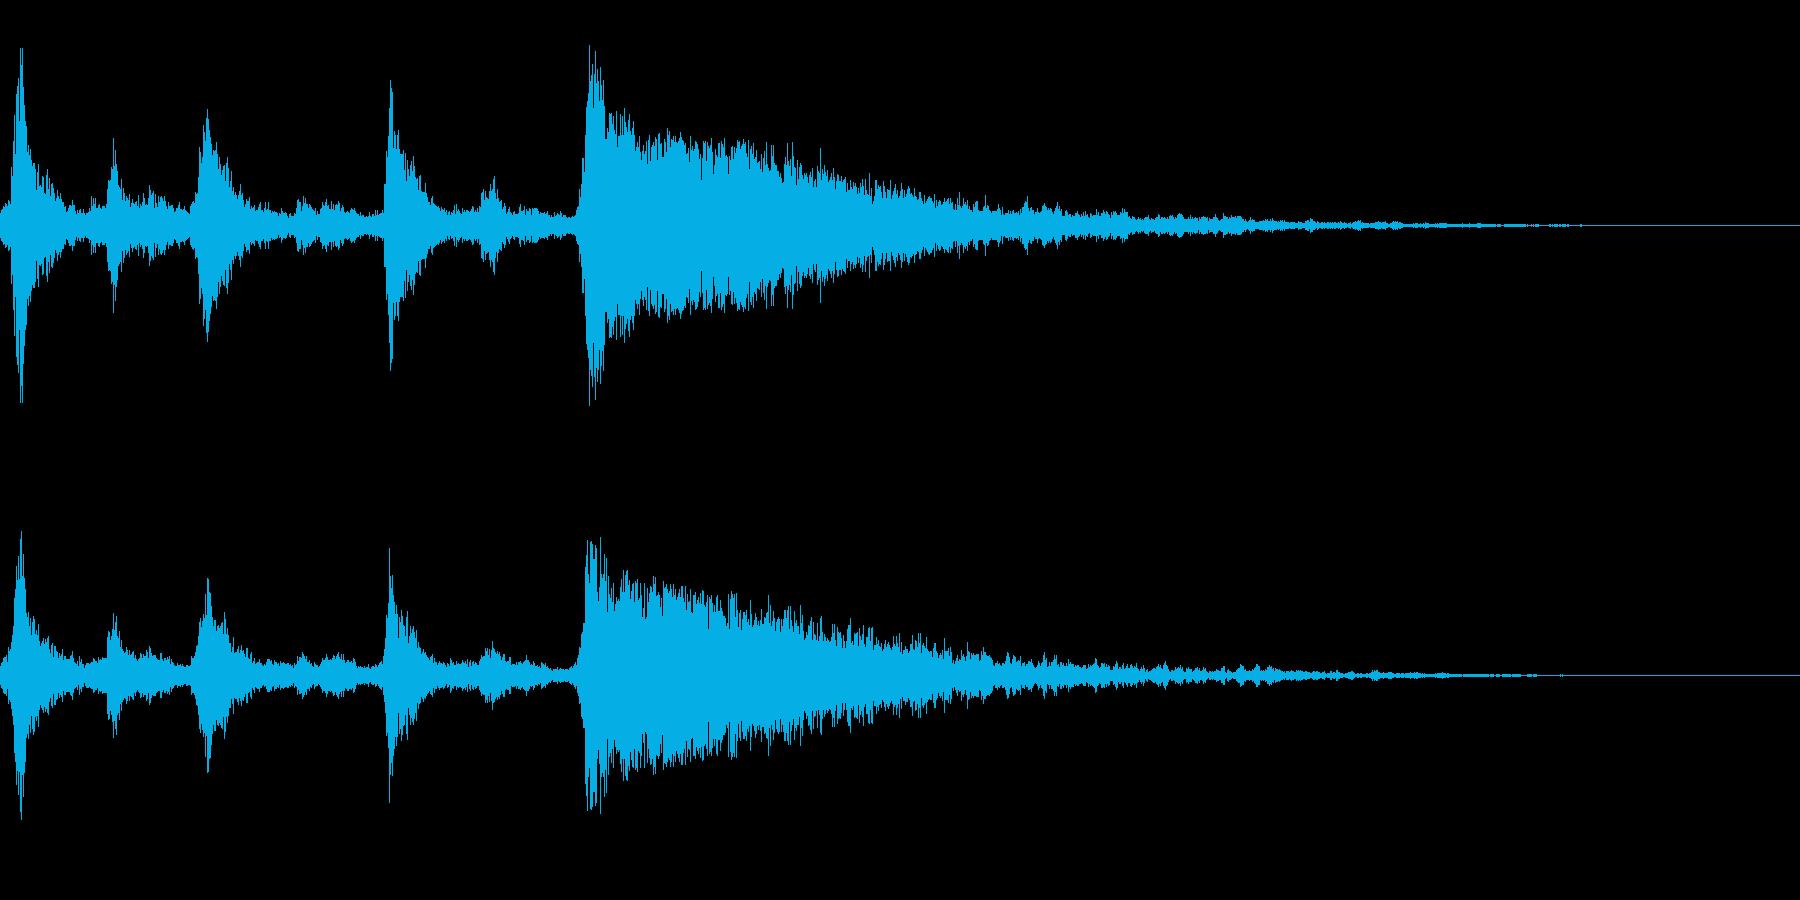 クリスマスのベル、鈴の効果音 ロゴ07の再生済みの波形